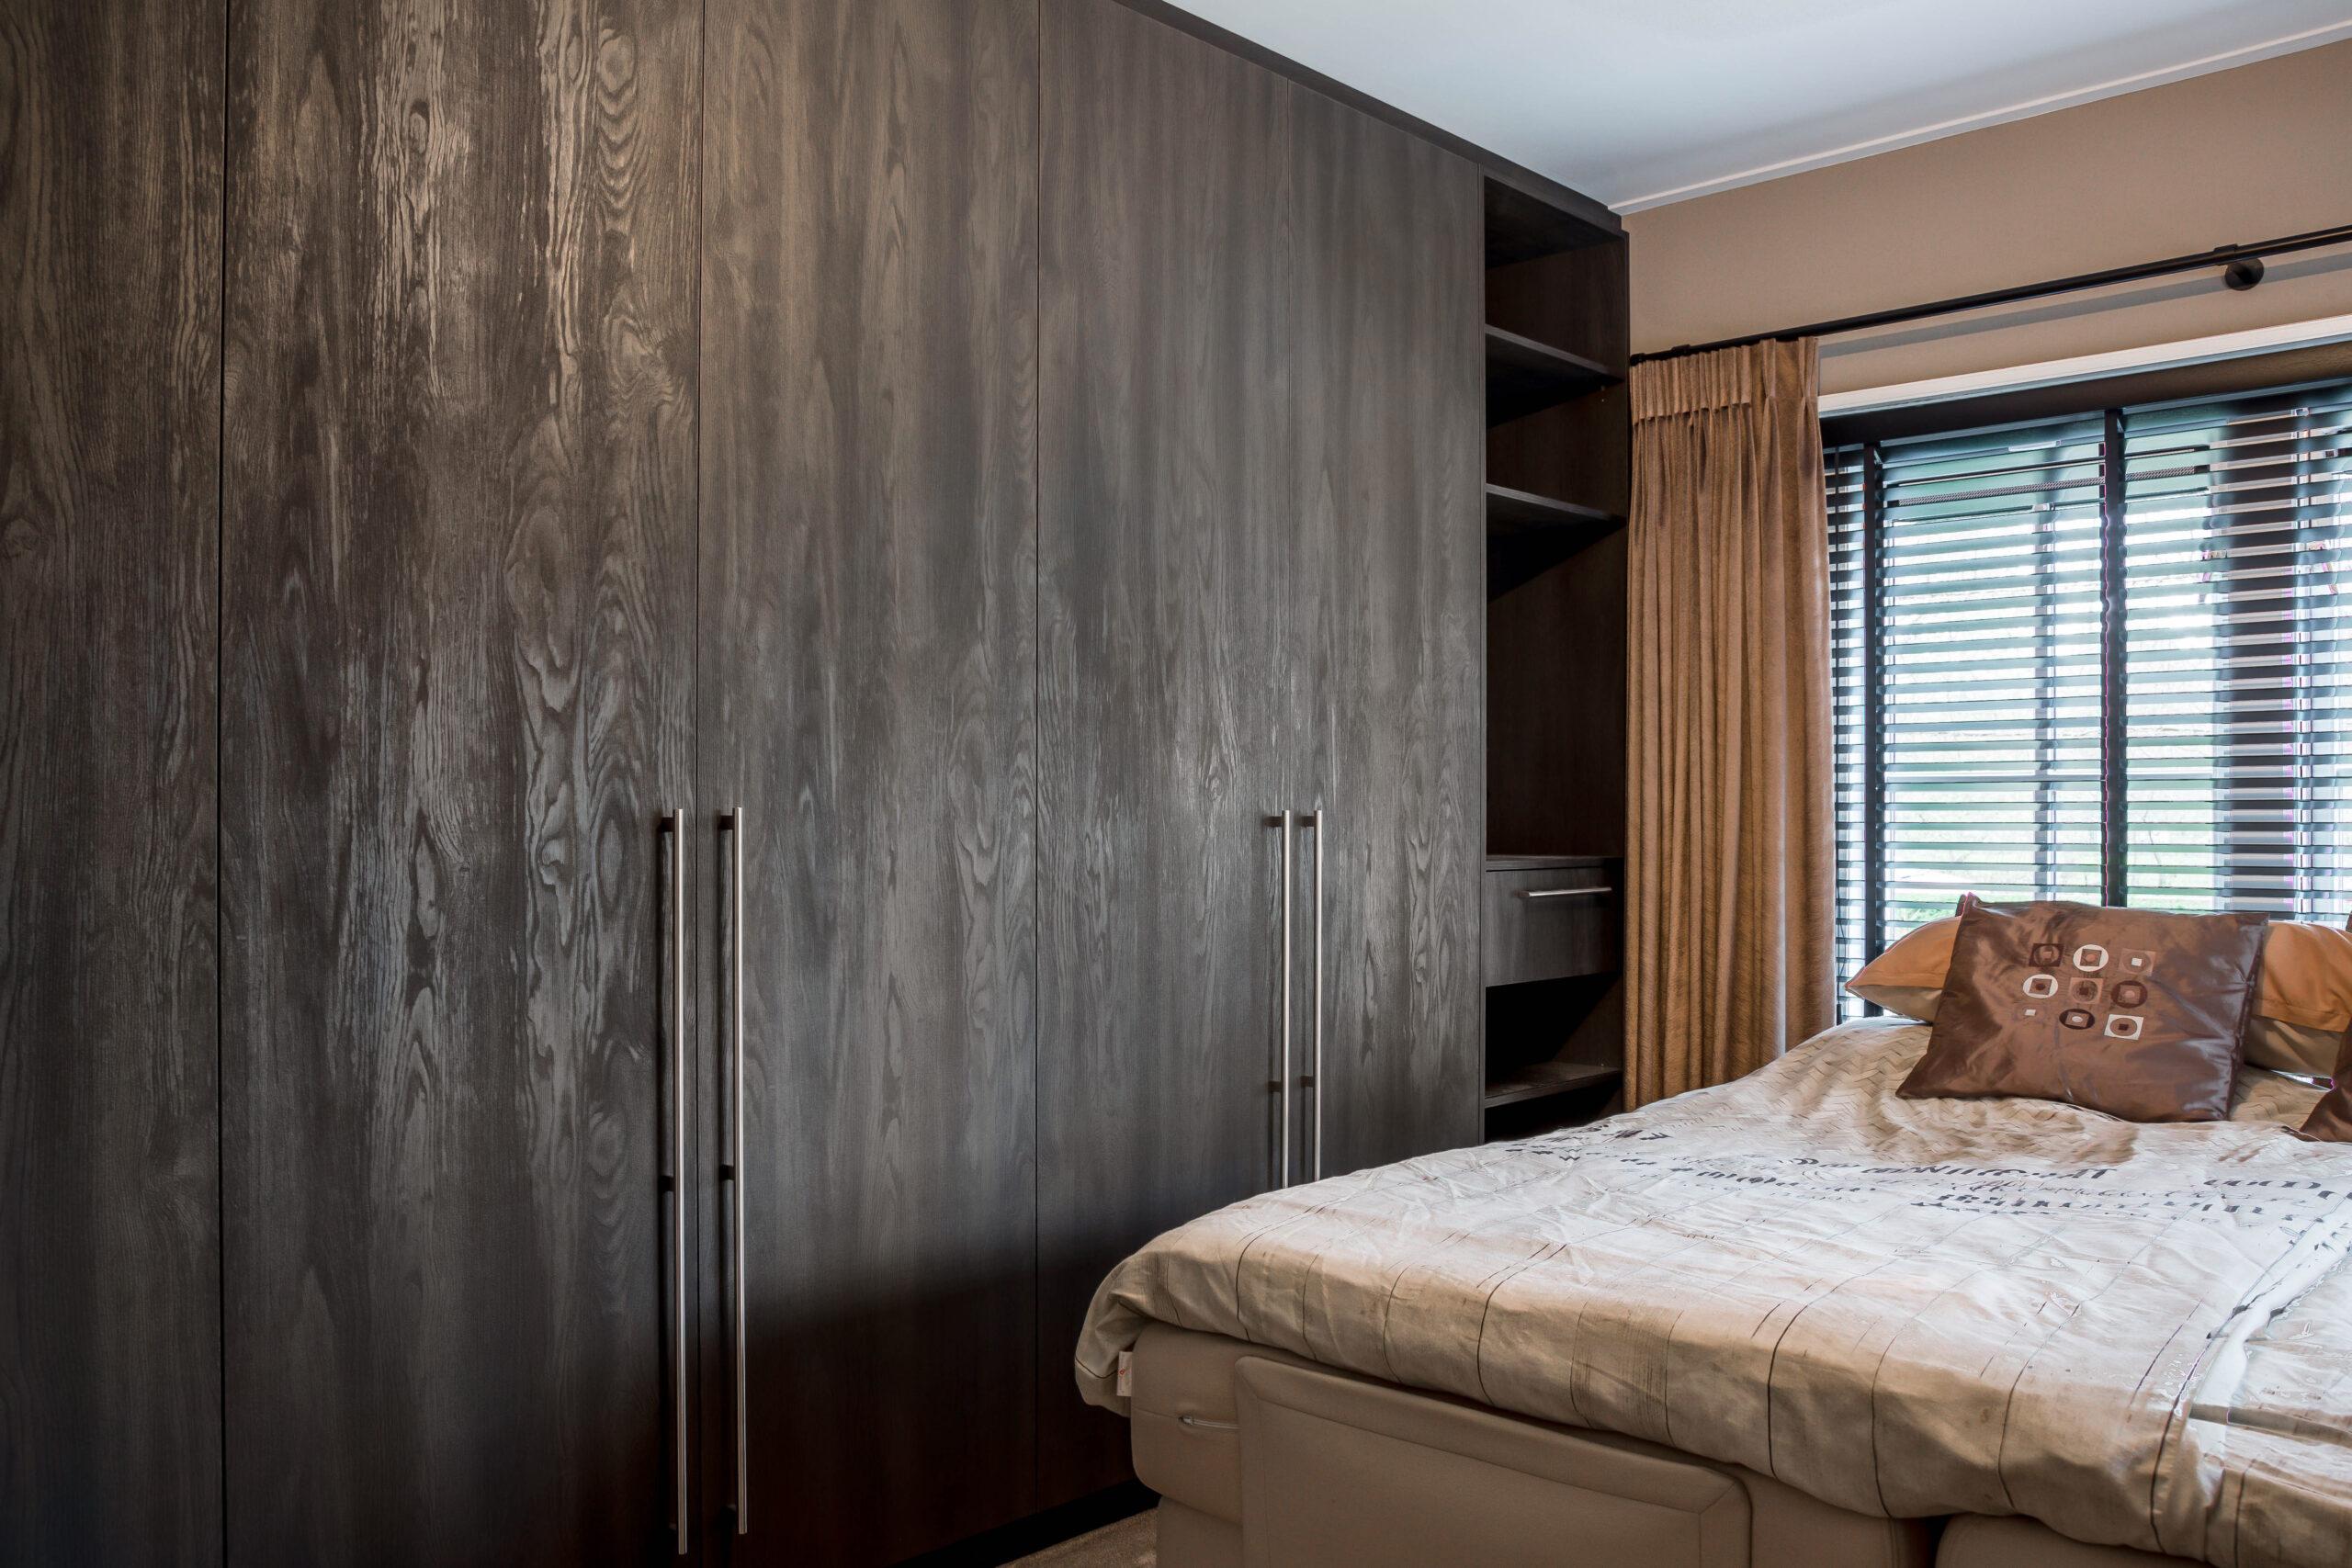 Luxe maatwerk kledingkast slaapkamer 1